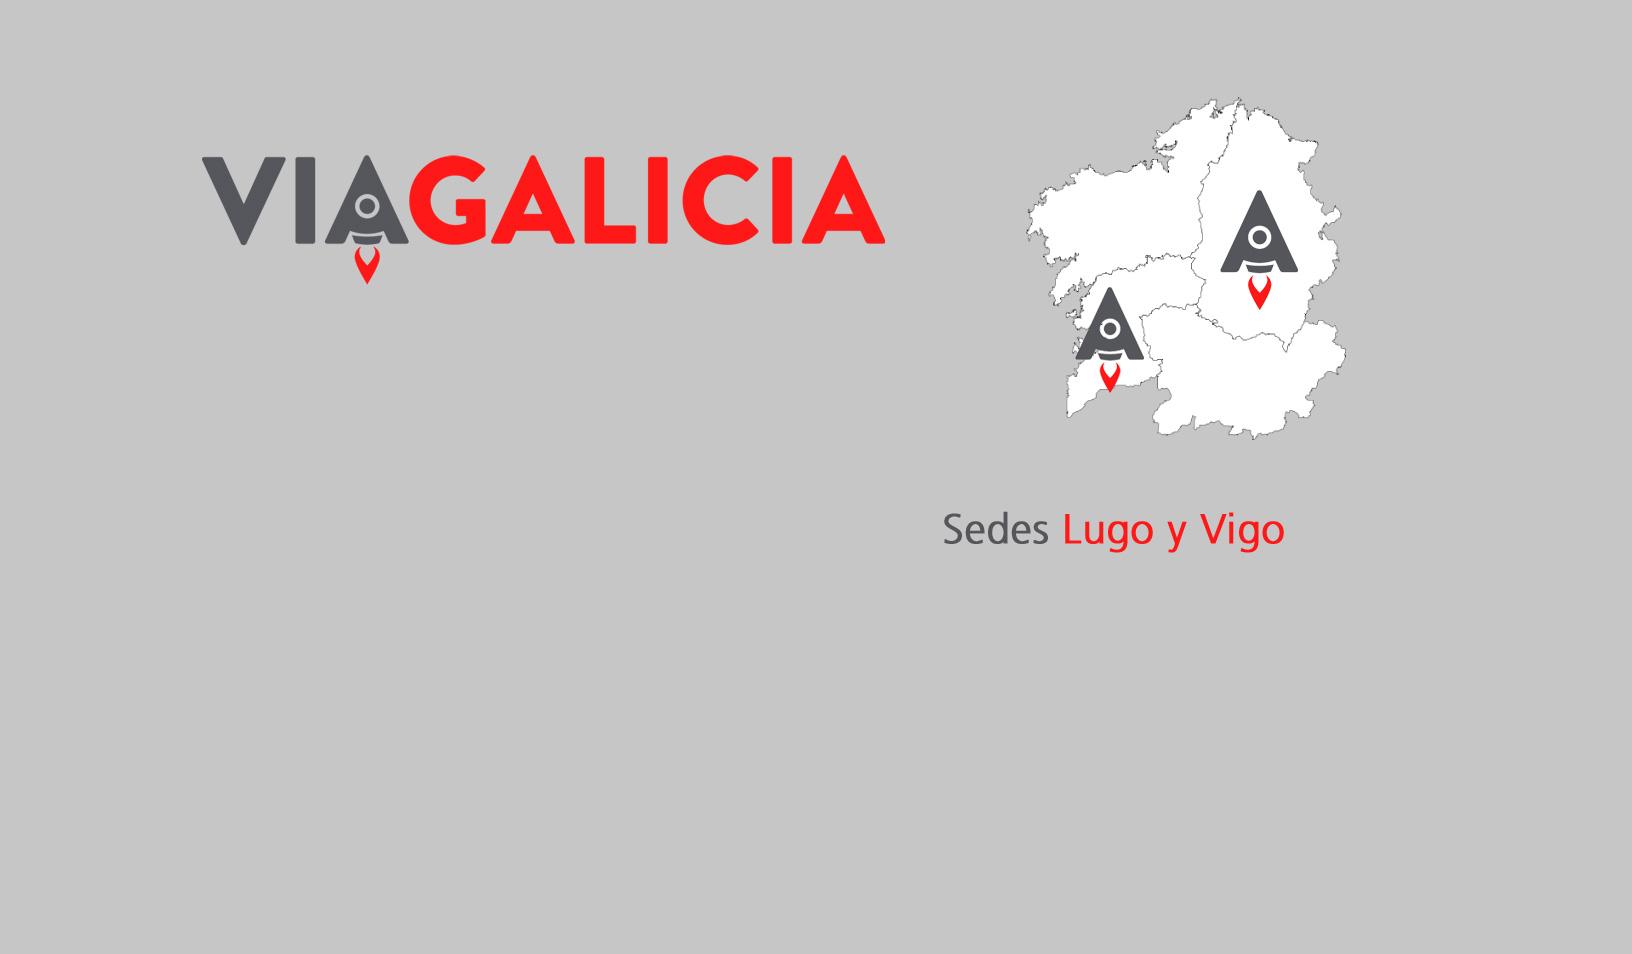 viagalicia-2017